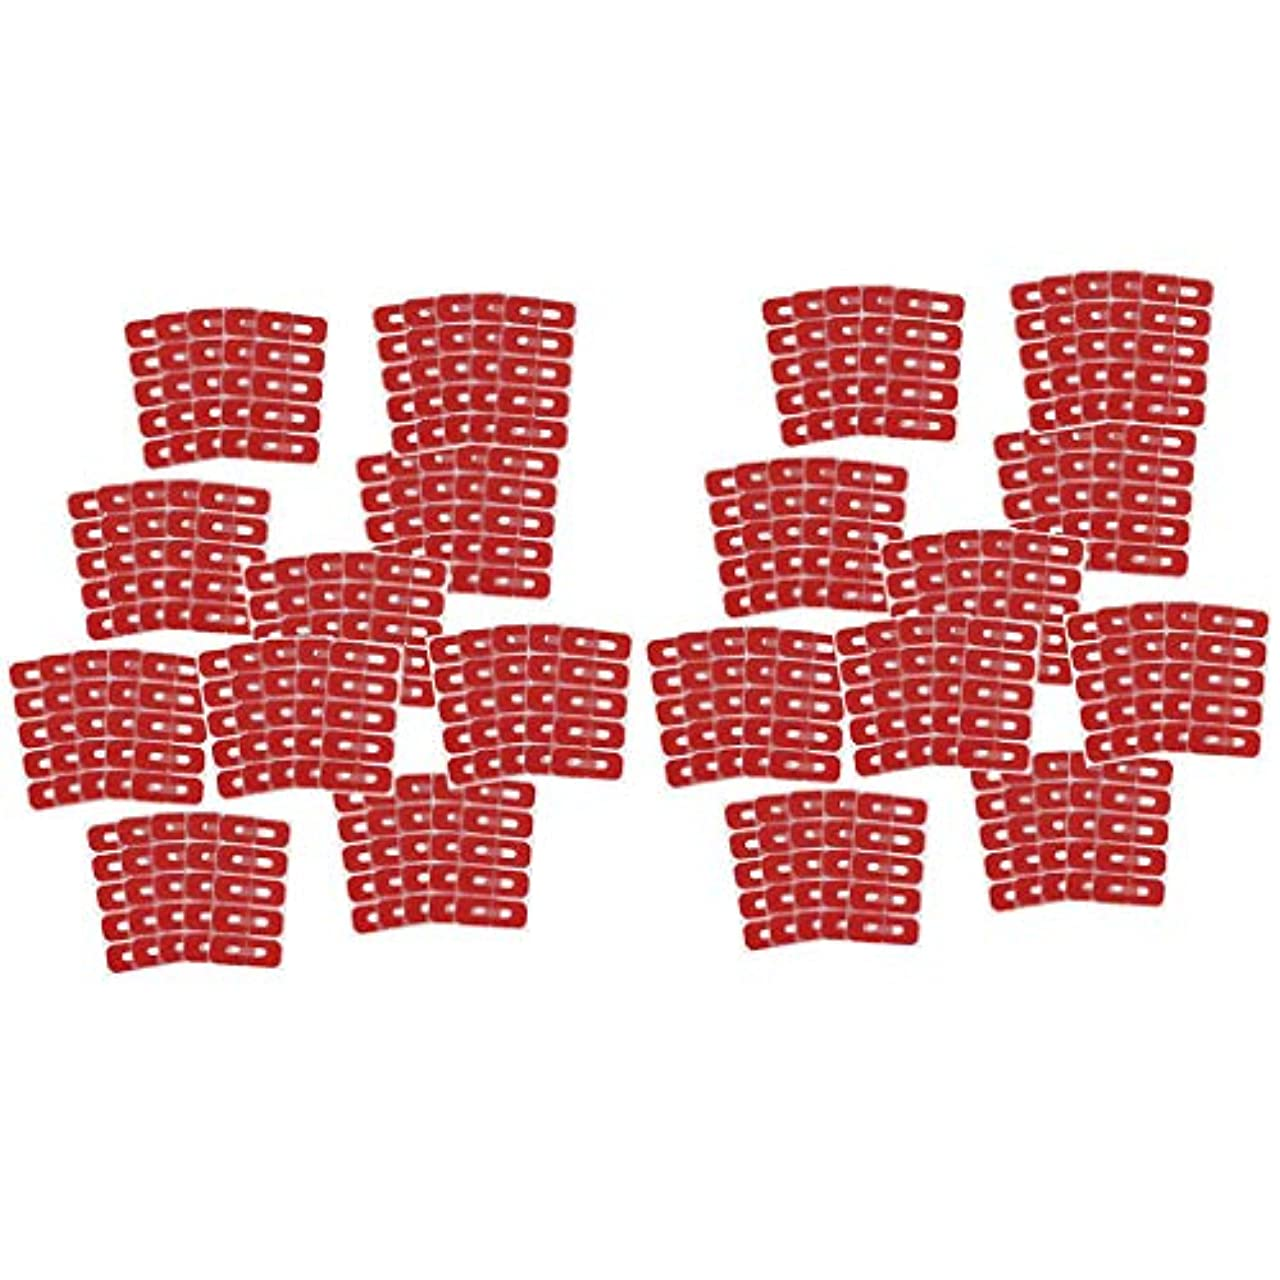 落胆した公然とジャケットCUTICATE ネイルカバー ネイルプロテクター ネイルアート はみ出し防止 溢れを防止 マニキュア ネイルケア